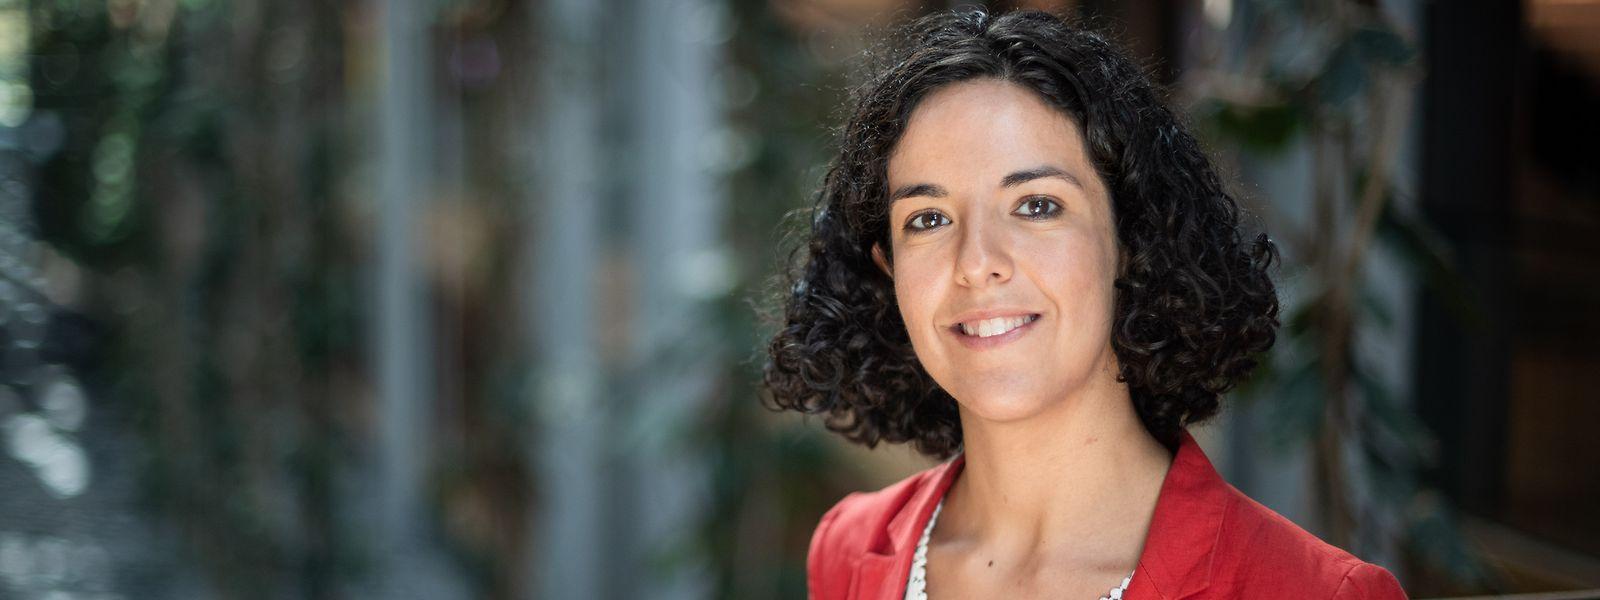 Manon Aubry wollte nie Politikerin werden. Nun ist sie das Gesicht der Linken auf EU-Ebene.